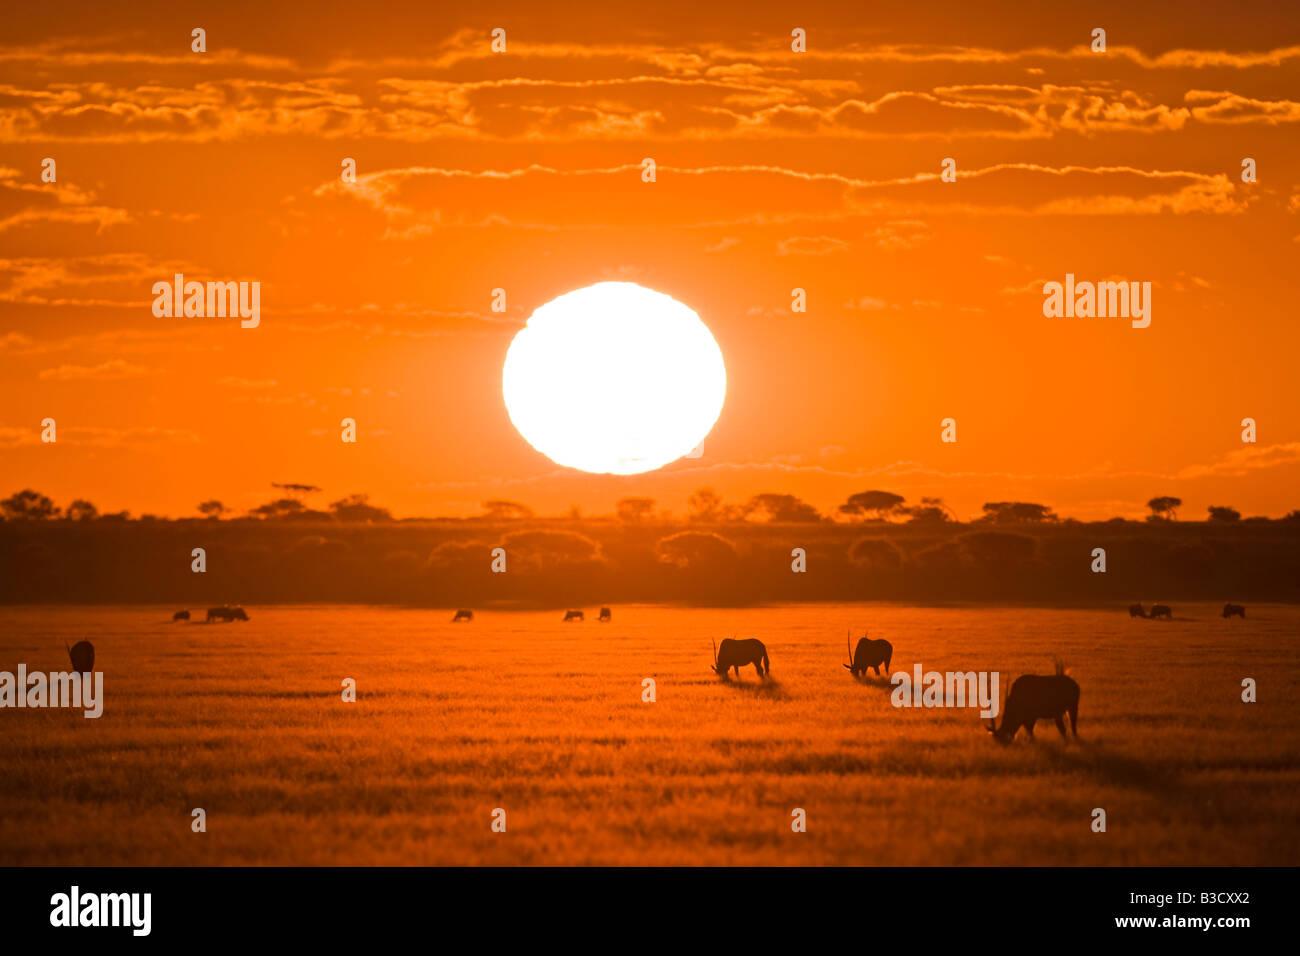 L'Afrique, Botswana, Silhouette du troupeau de gemsbok (Oryx gazella) au coucher du soleil Photo Stock